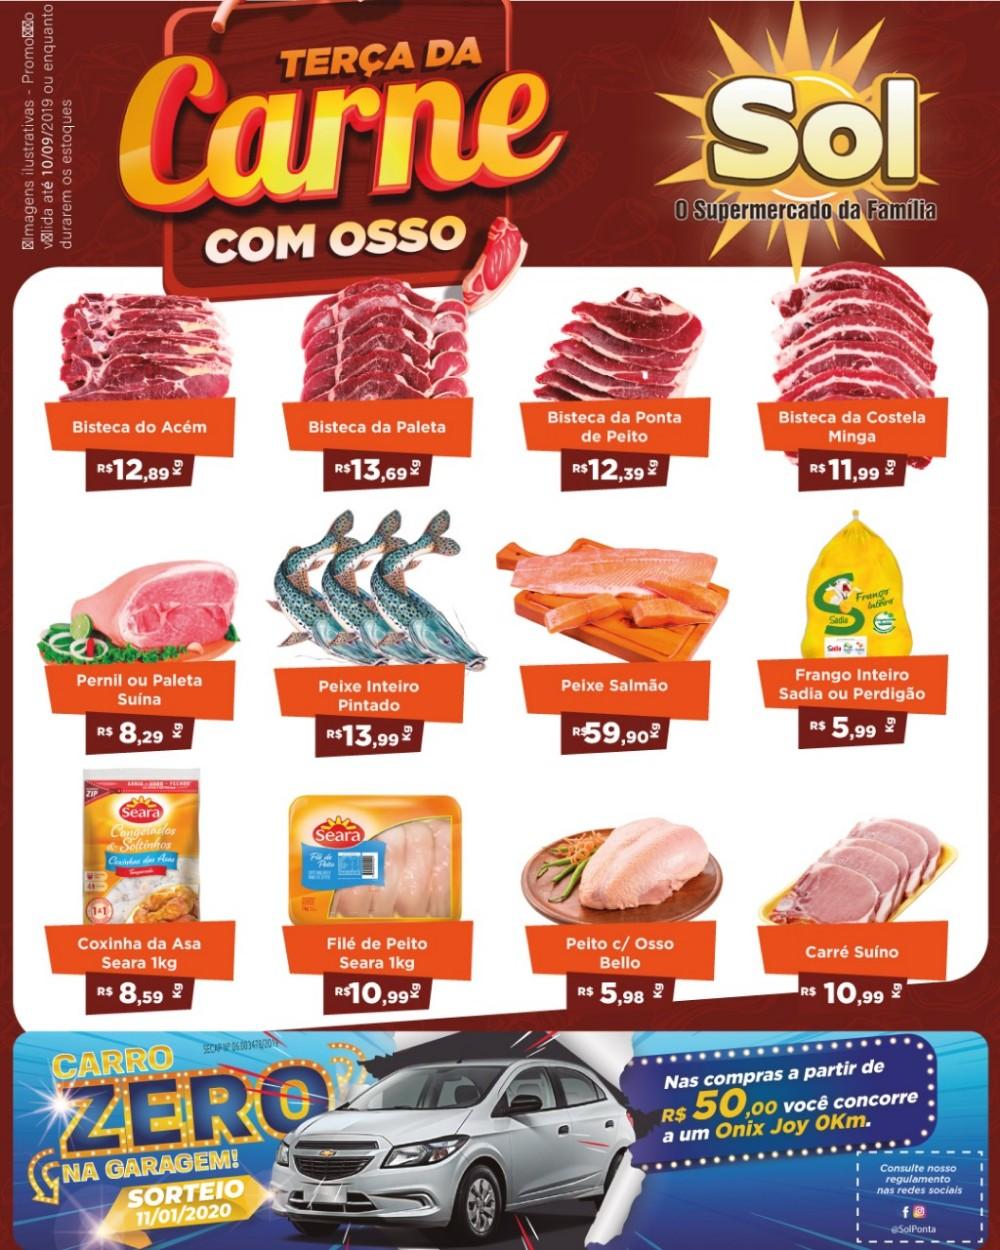 Supermercado Sol com promoções da Terça da Carne e Ofertas da Padaria e concorra a um carro 0Km